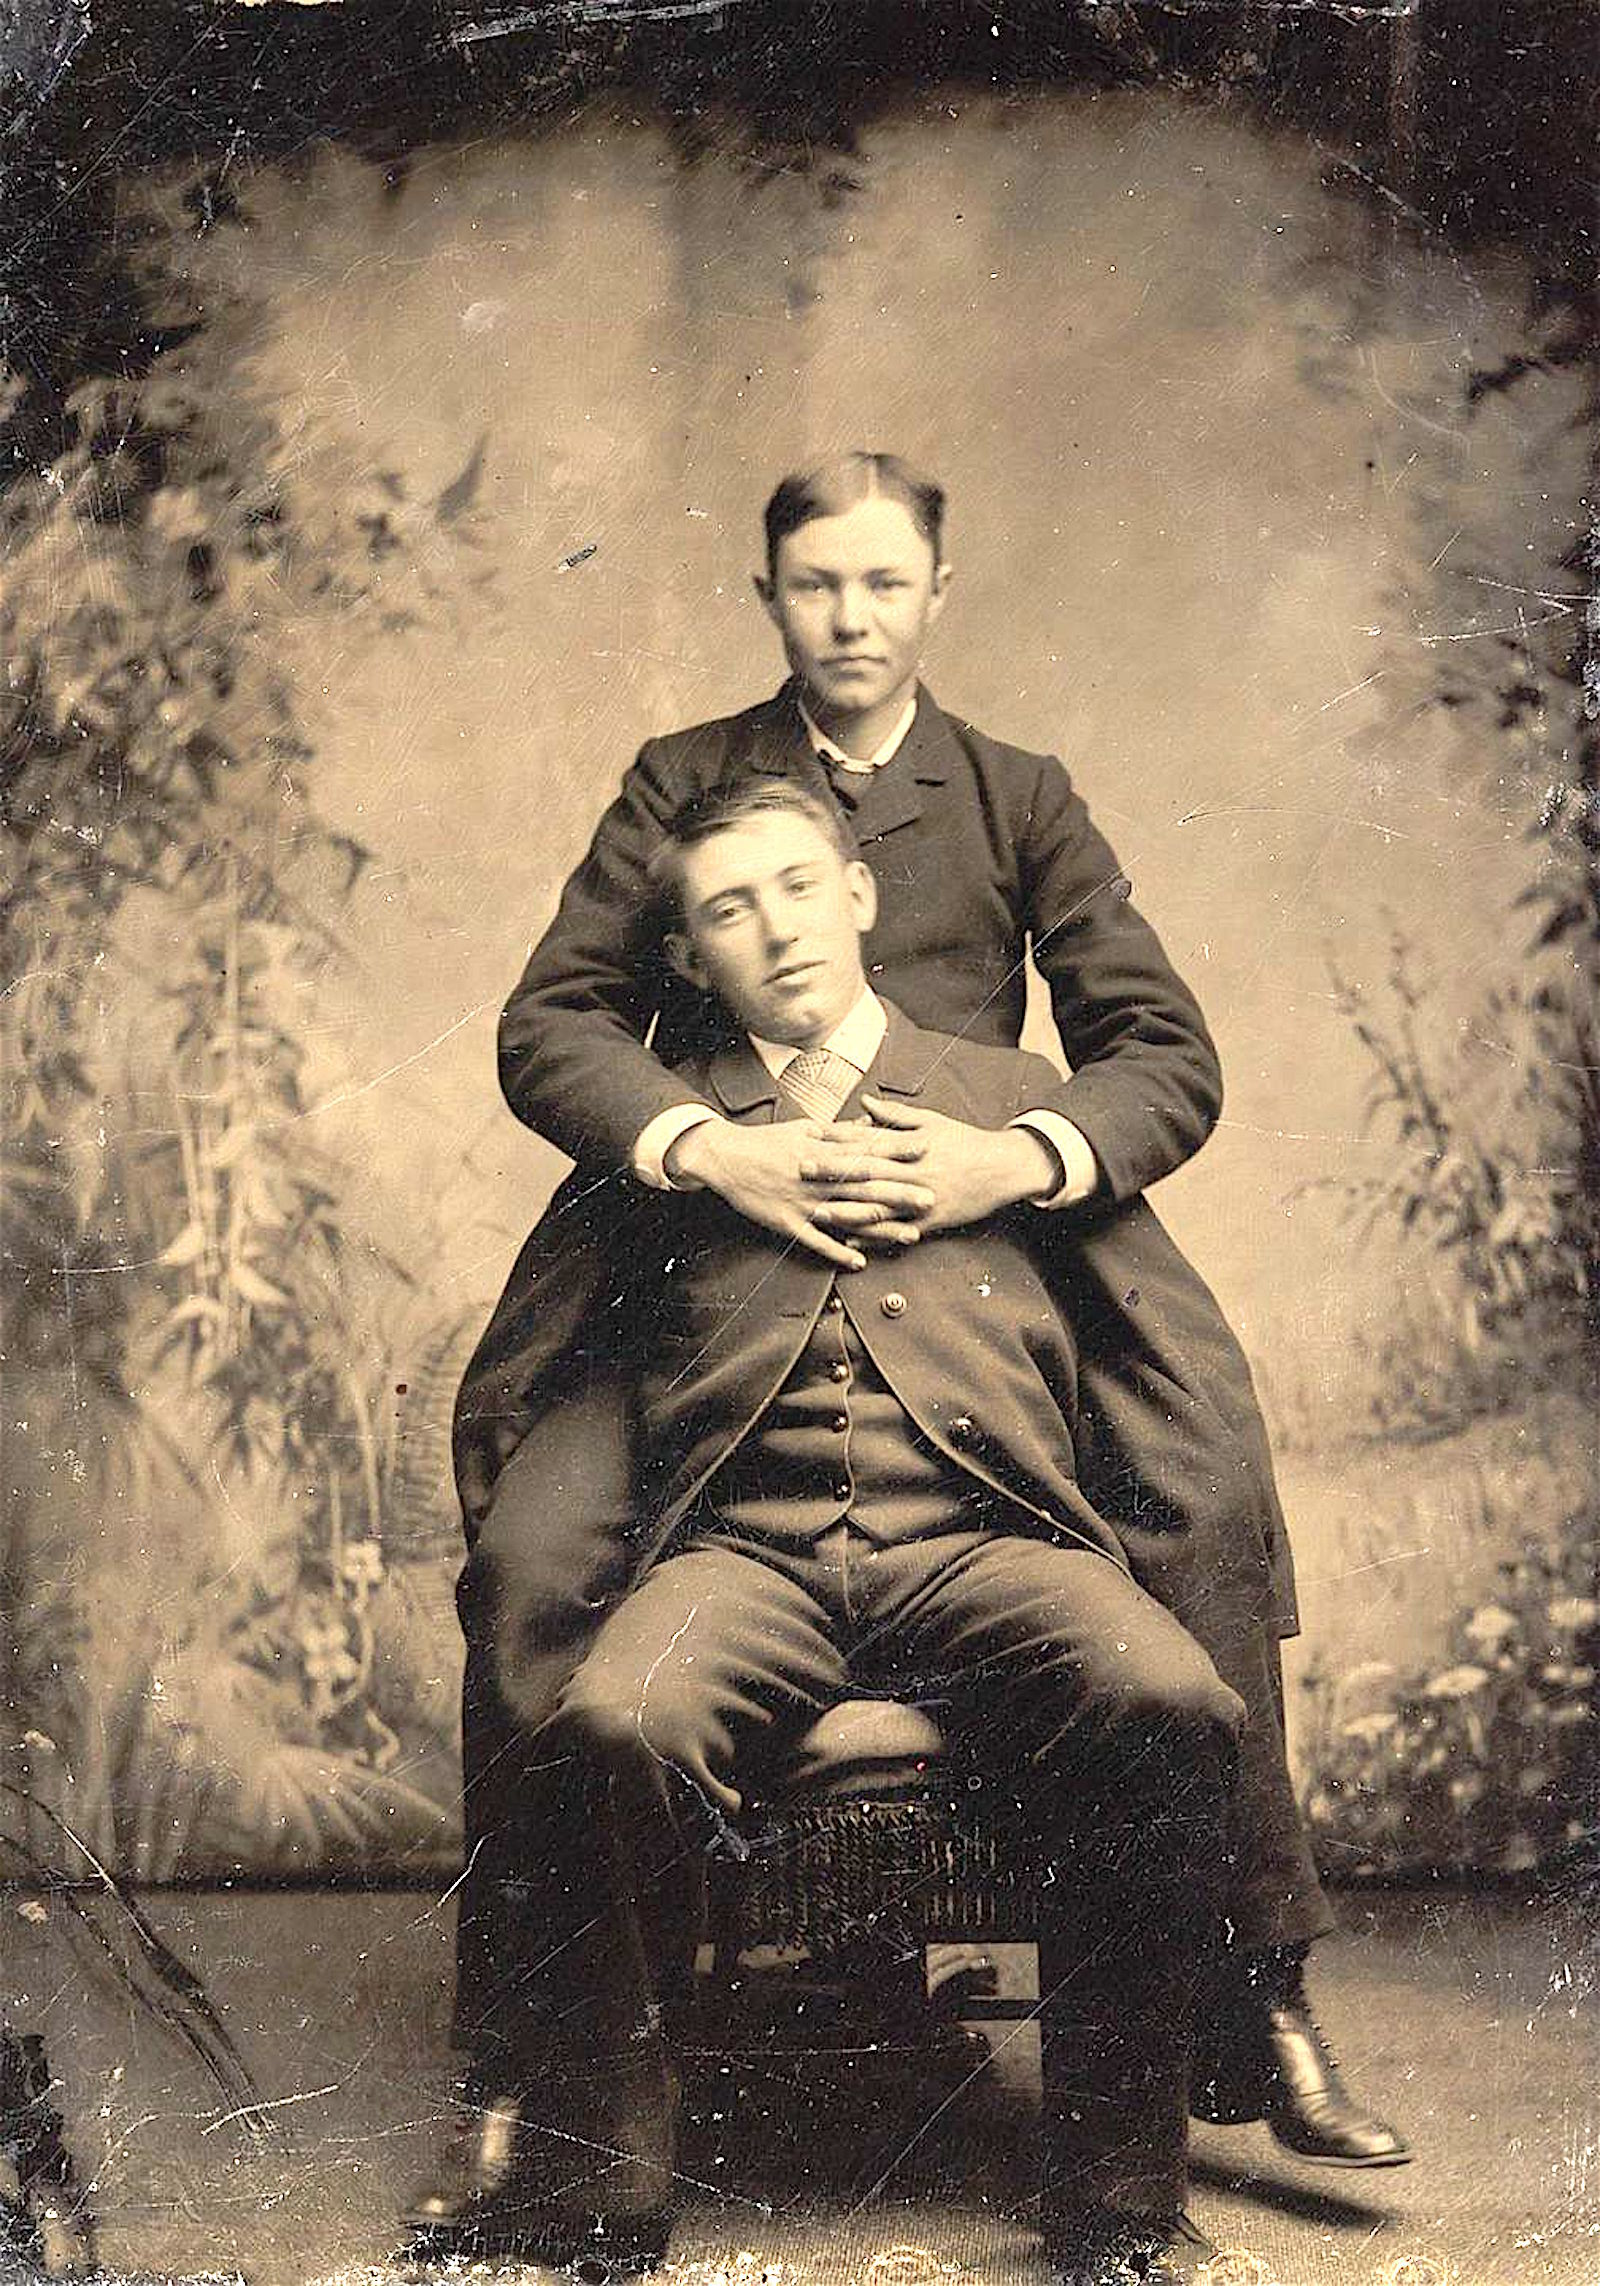 силикона работы фотографов викторианской эпохи если это серьез